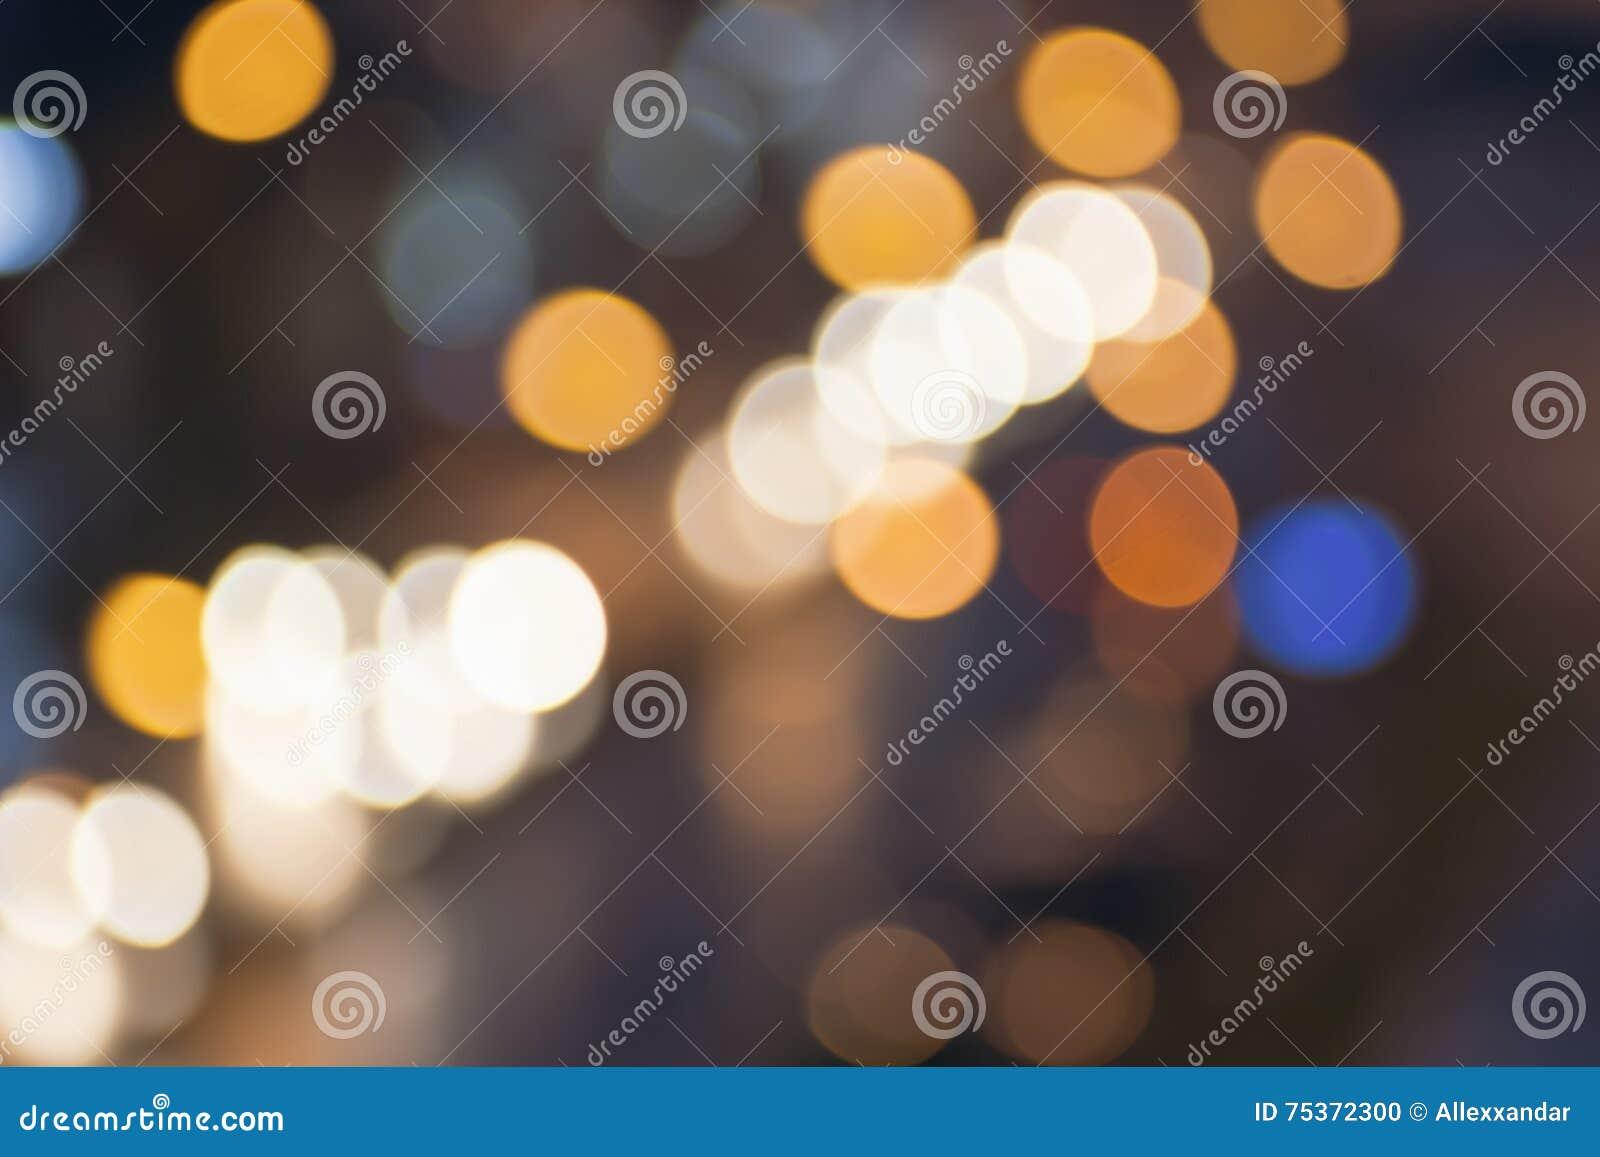 Luces borrosas extracto de la ciudad de la noche concepto de los fondos de la falta de definición Falta de definición del paisaje